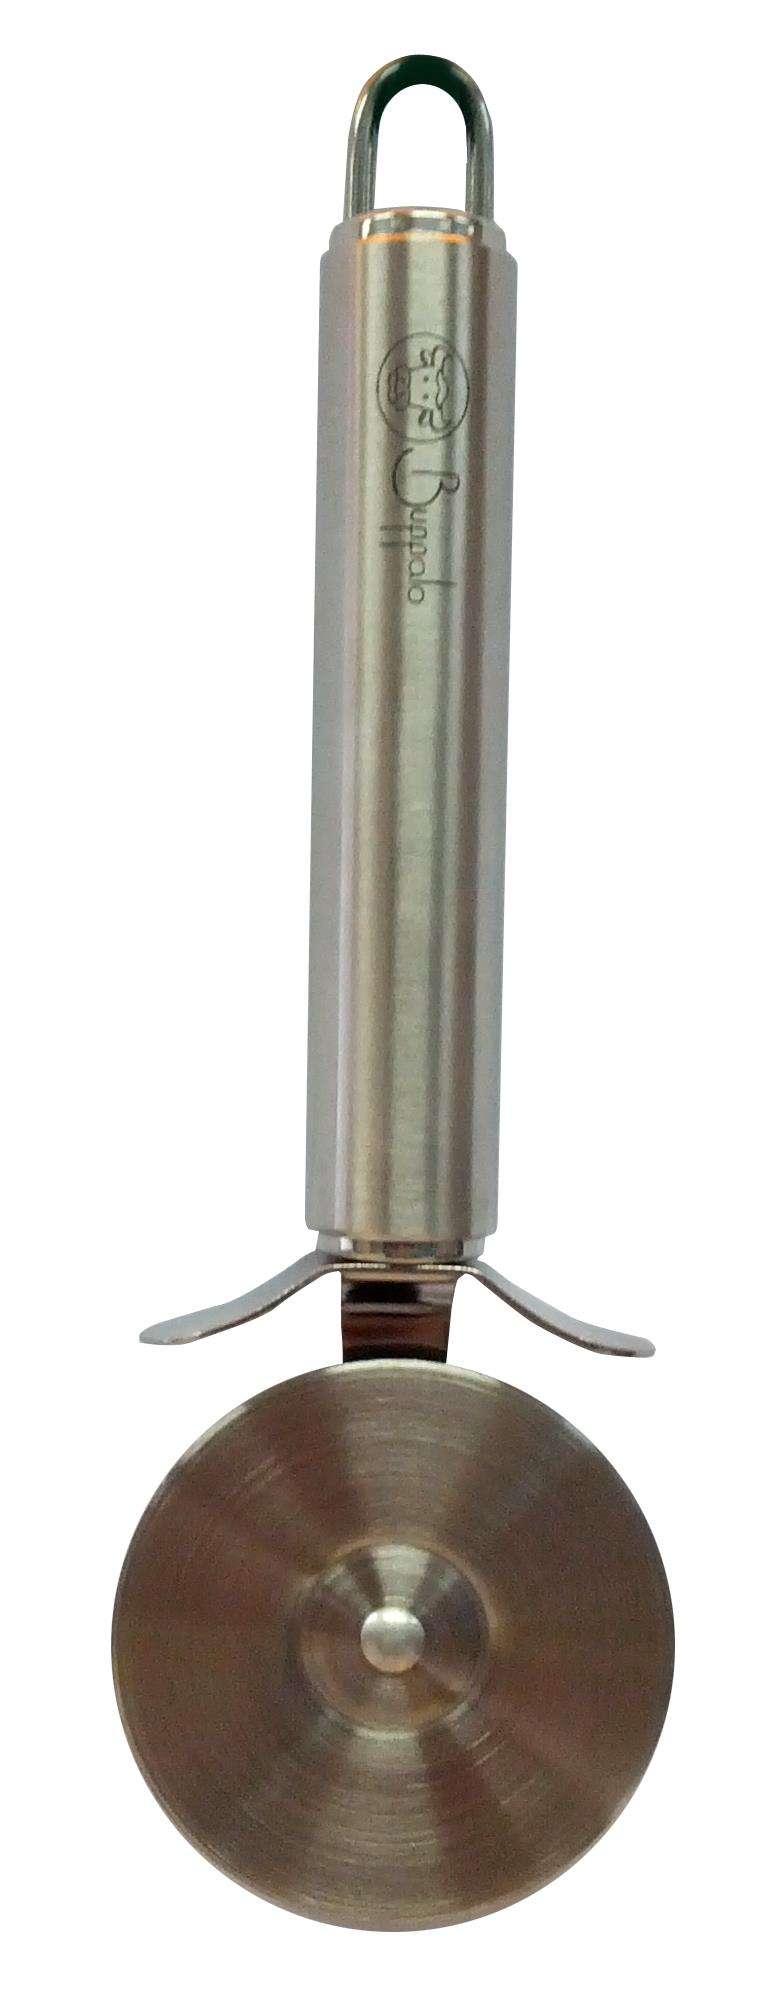 Elegant series 18/10 Stainless steel Kitchen Utensil Pizza Wheel (333620)